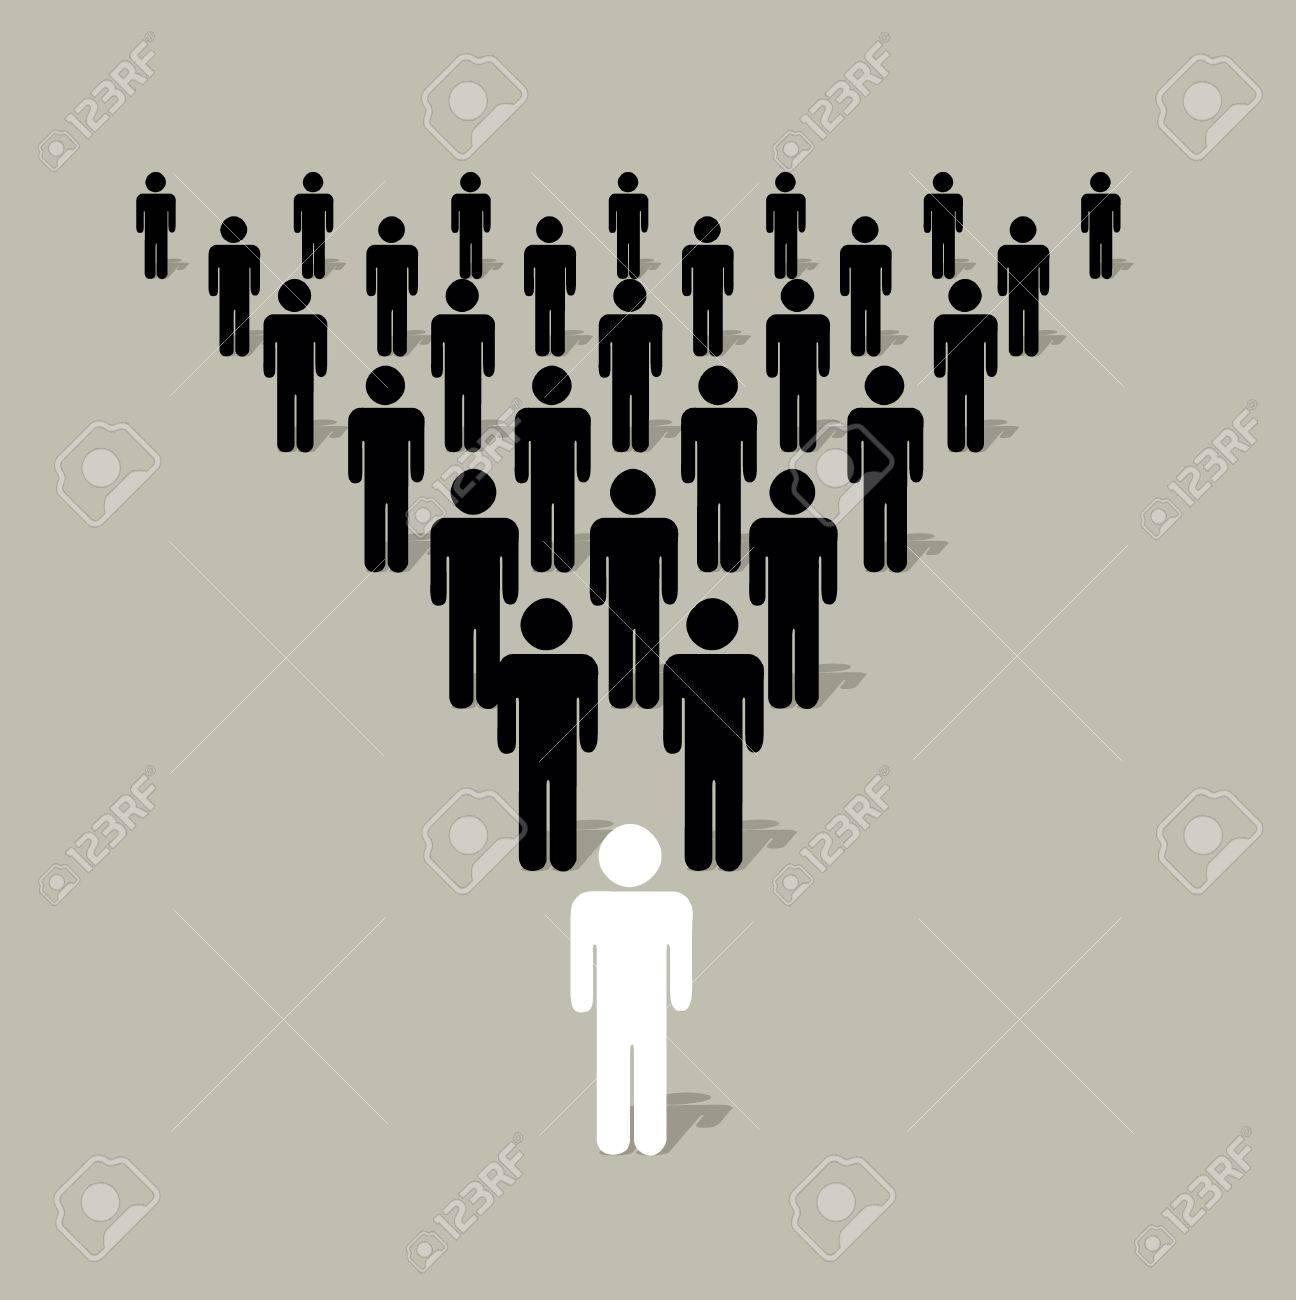 Estructura Piramidal Con Siluetas Humanas Con Un Líder De Otro